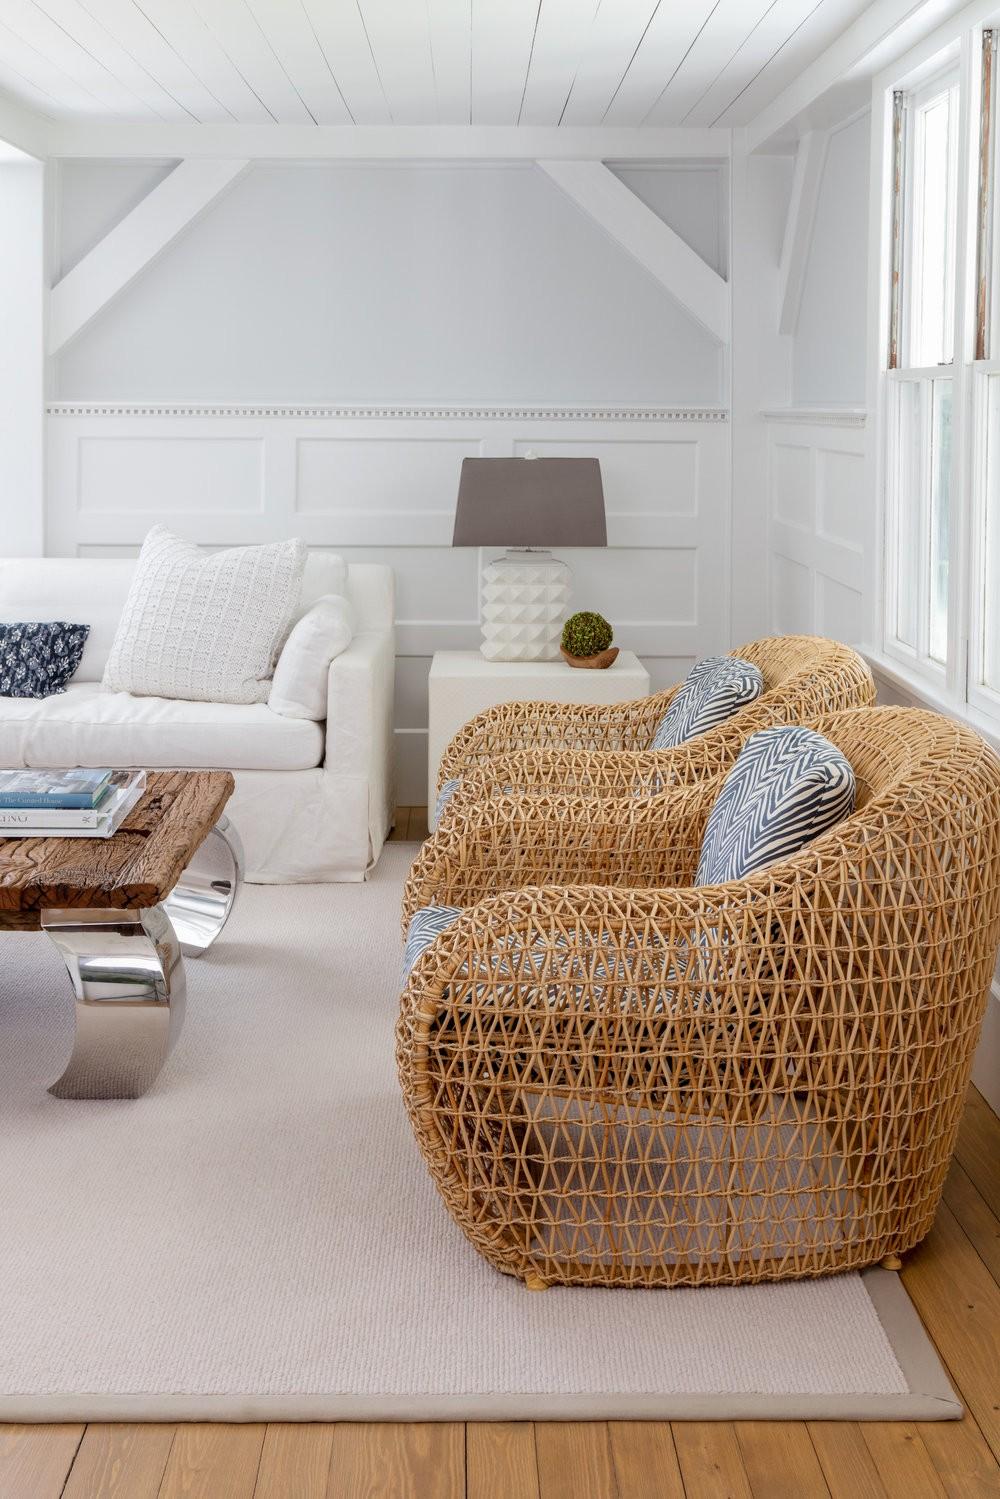 Top 25 Interior Designers in Connecticut 11 interior designers Top 25 Interior Designers in Connecticut Top 25 Interior Designers in Connecticut 11